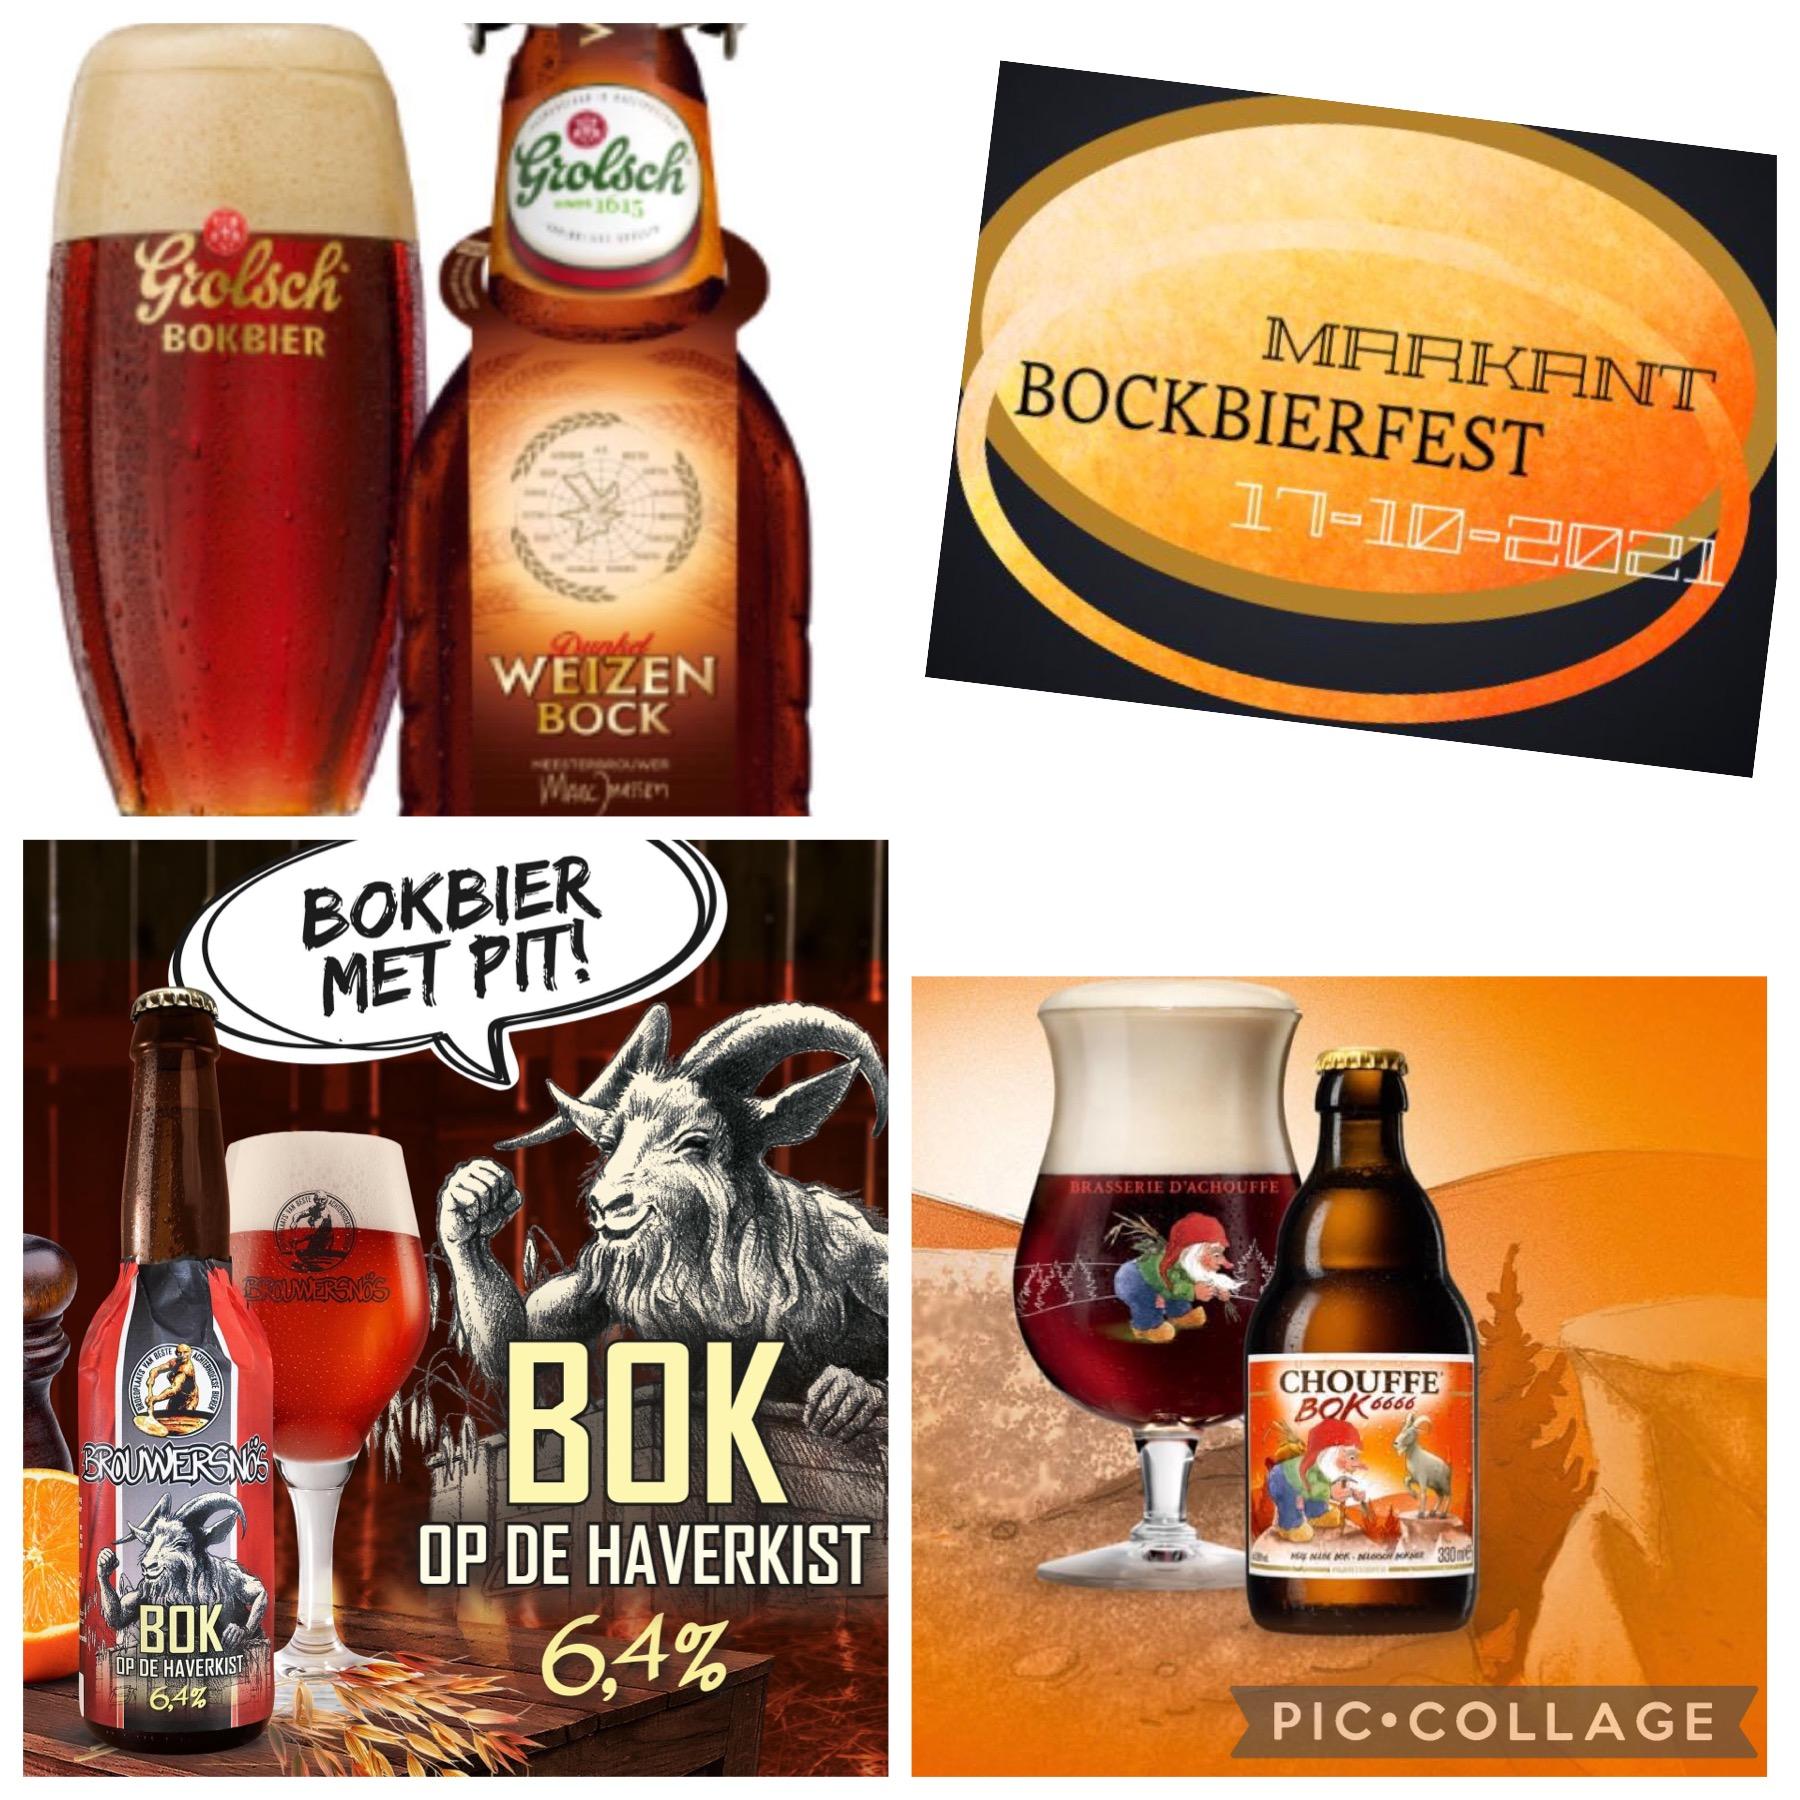 Bockbierfest bij Markant